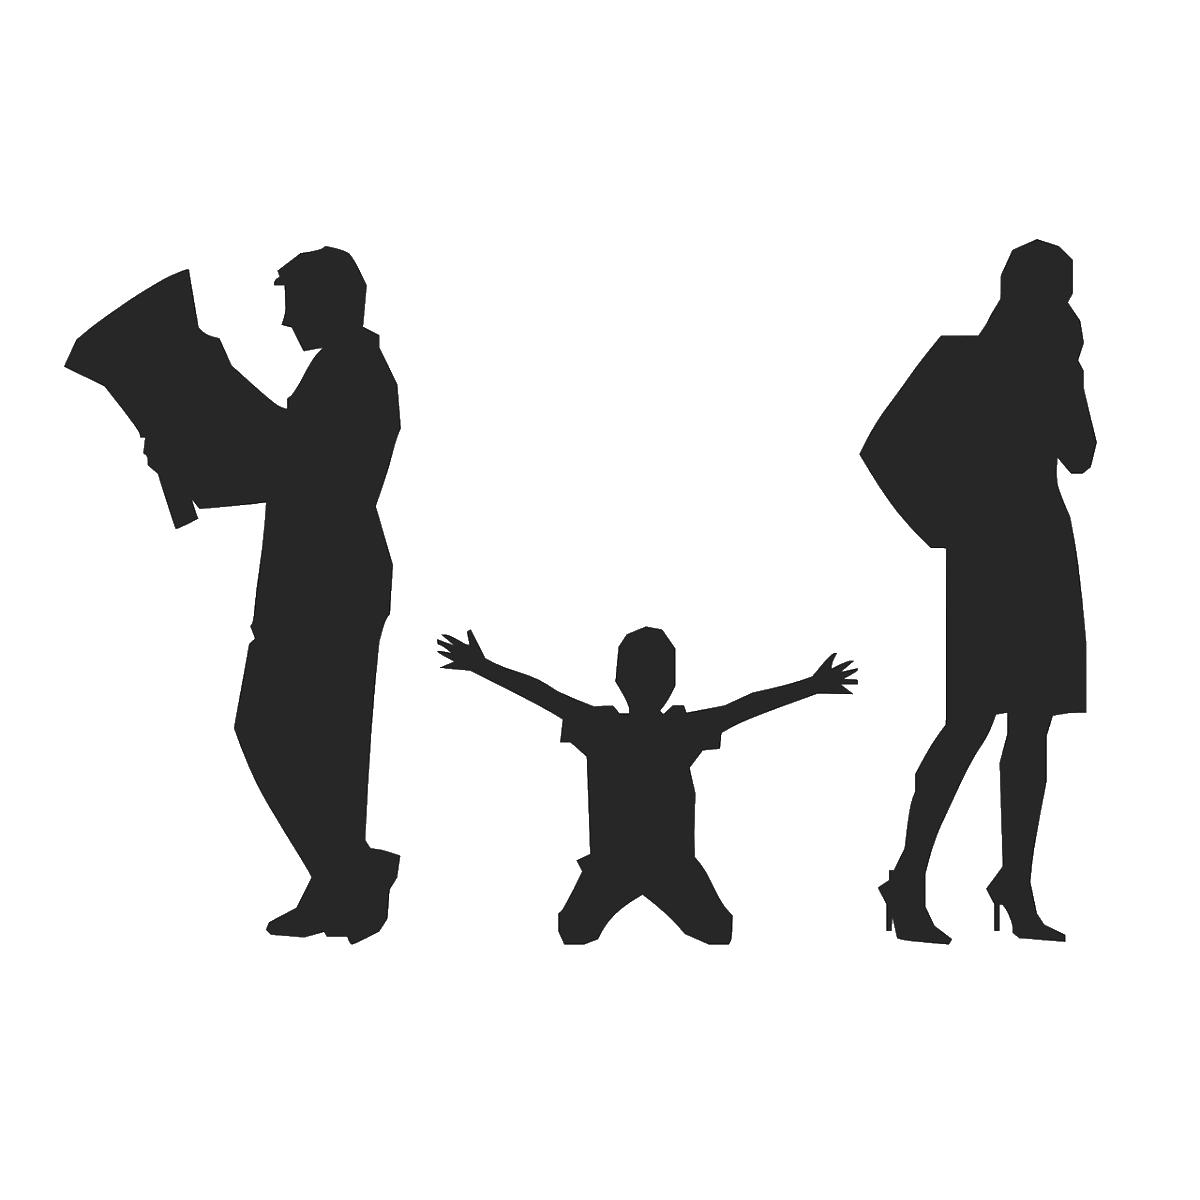 毒親になる原因は機能不全家族であることを表すイラスト